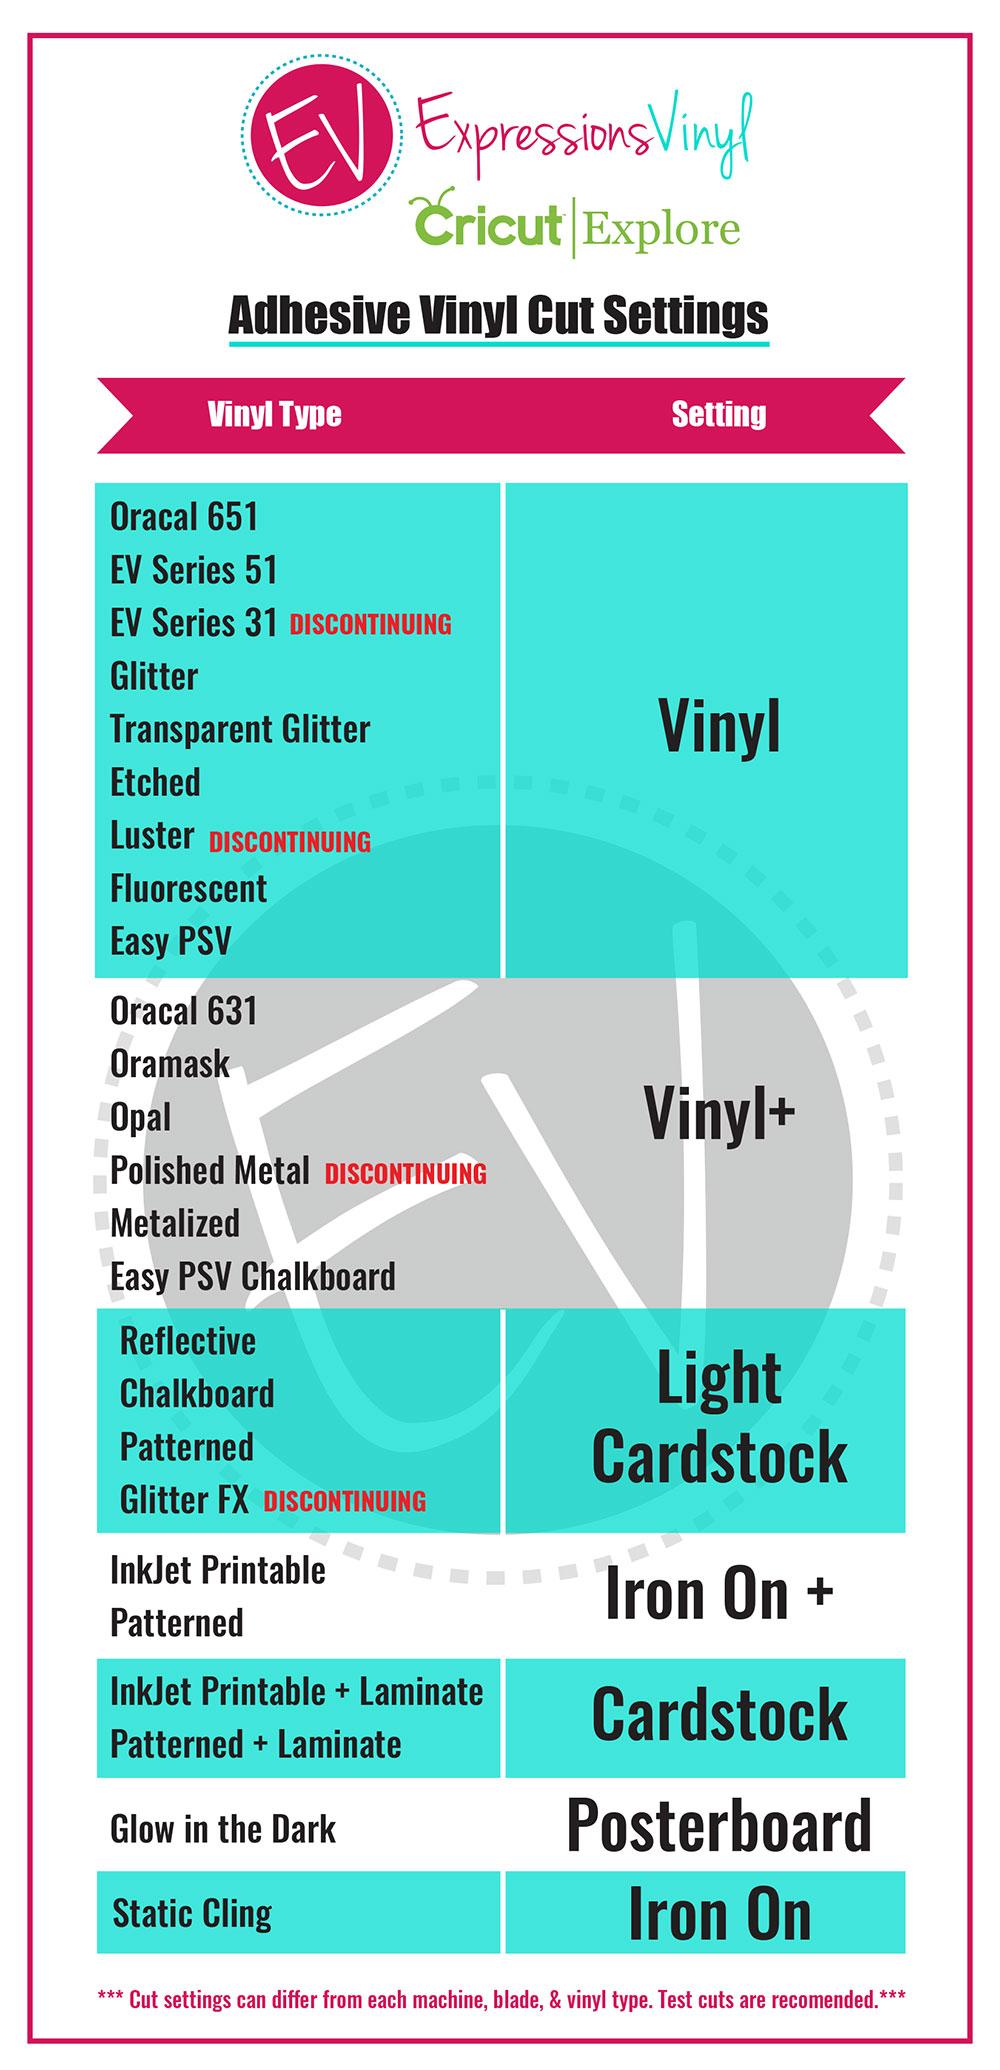 Cricut Adhesive Vinyl Cut Settings Chart